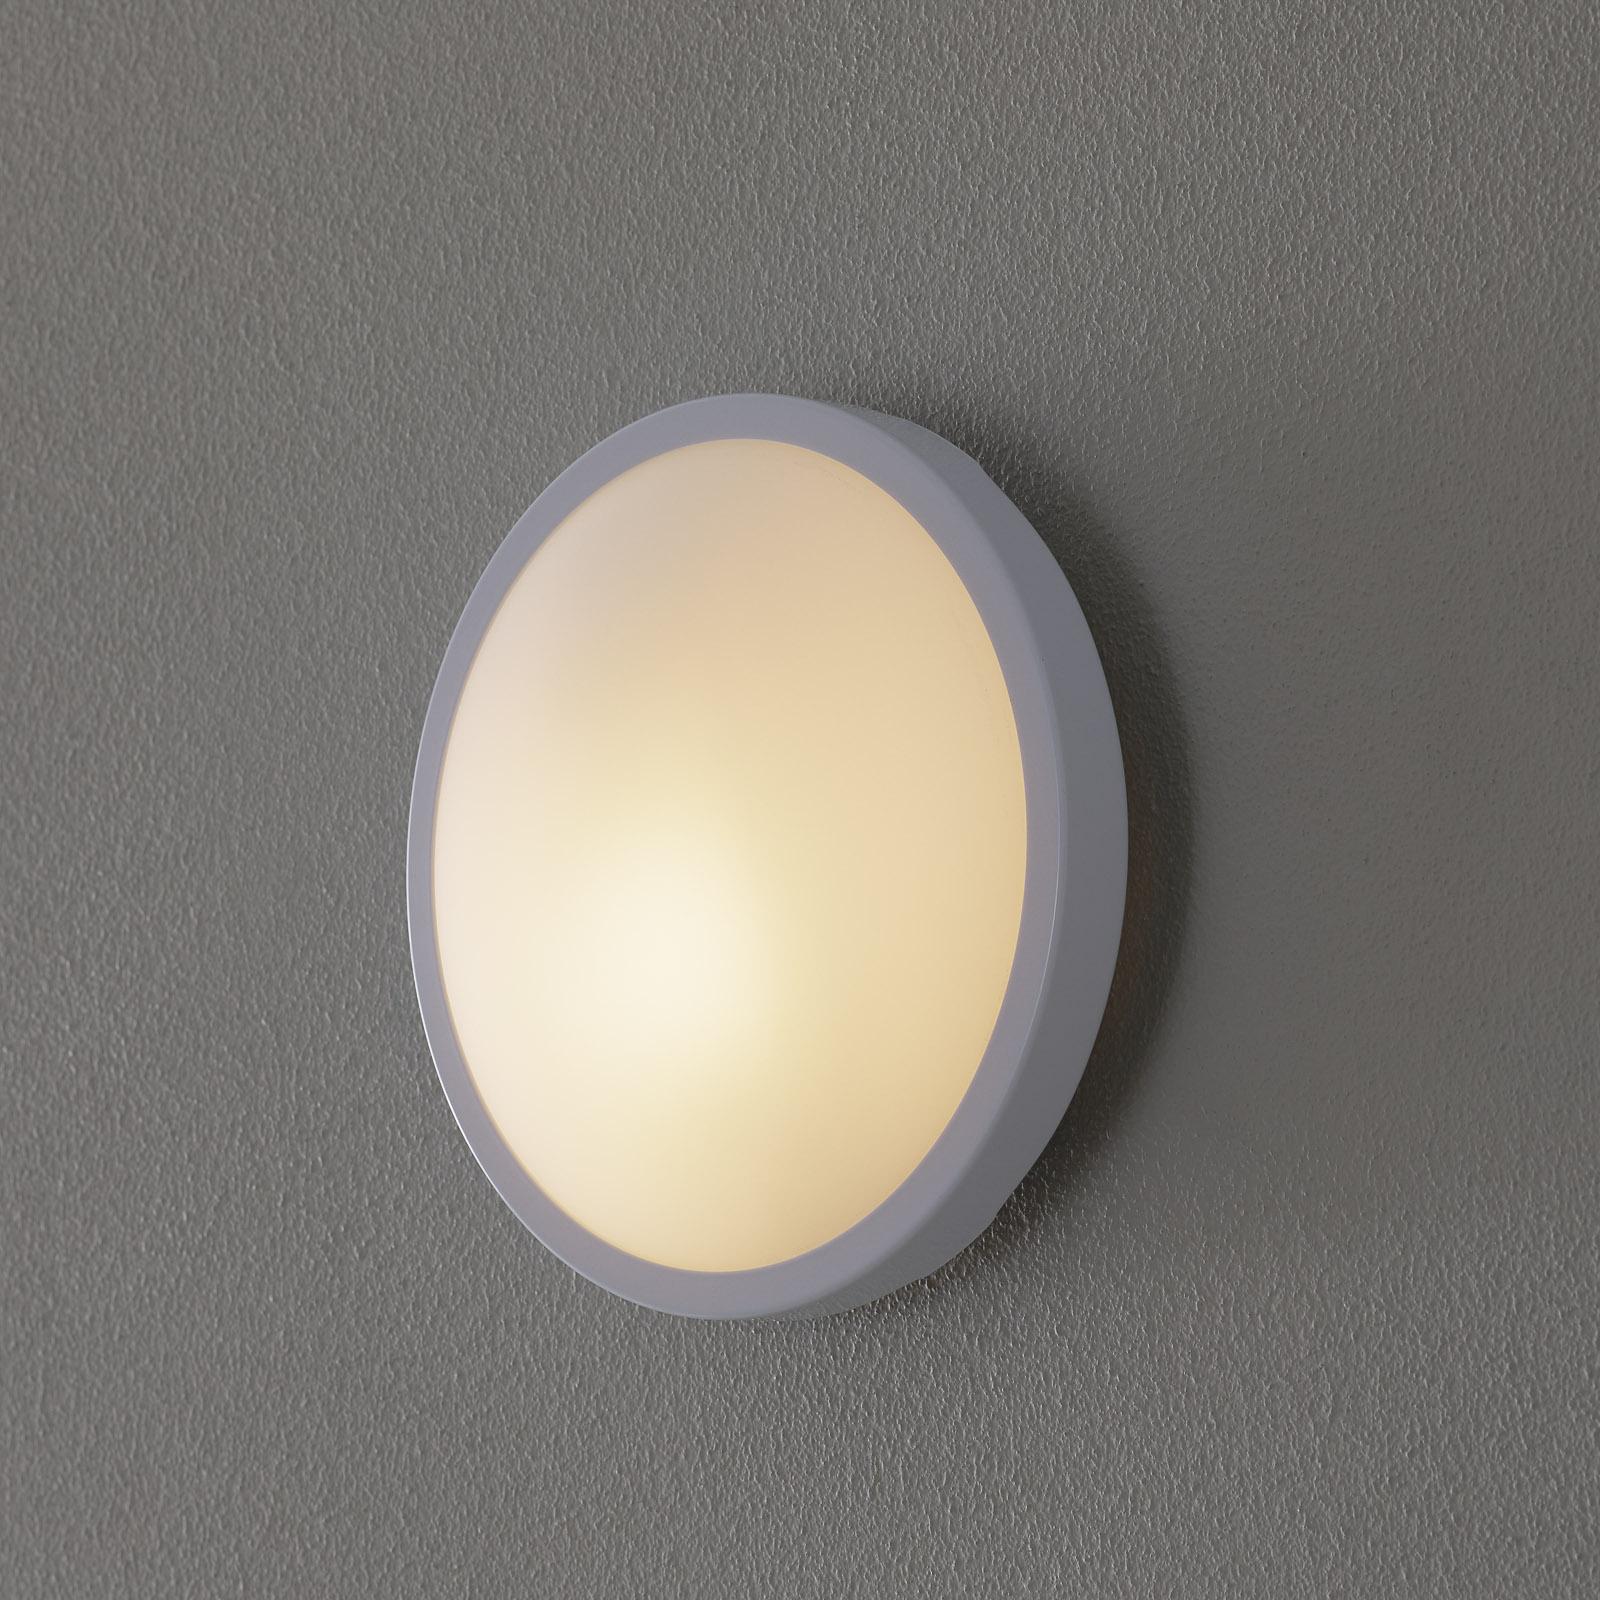 PLAZA szklana lampa sufitowa i ścienna, 21,5cm